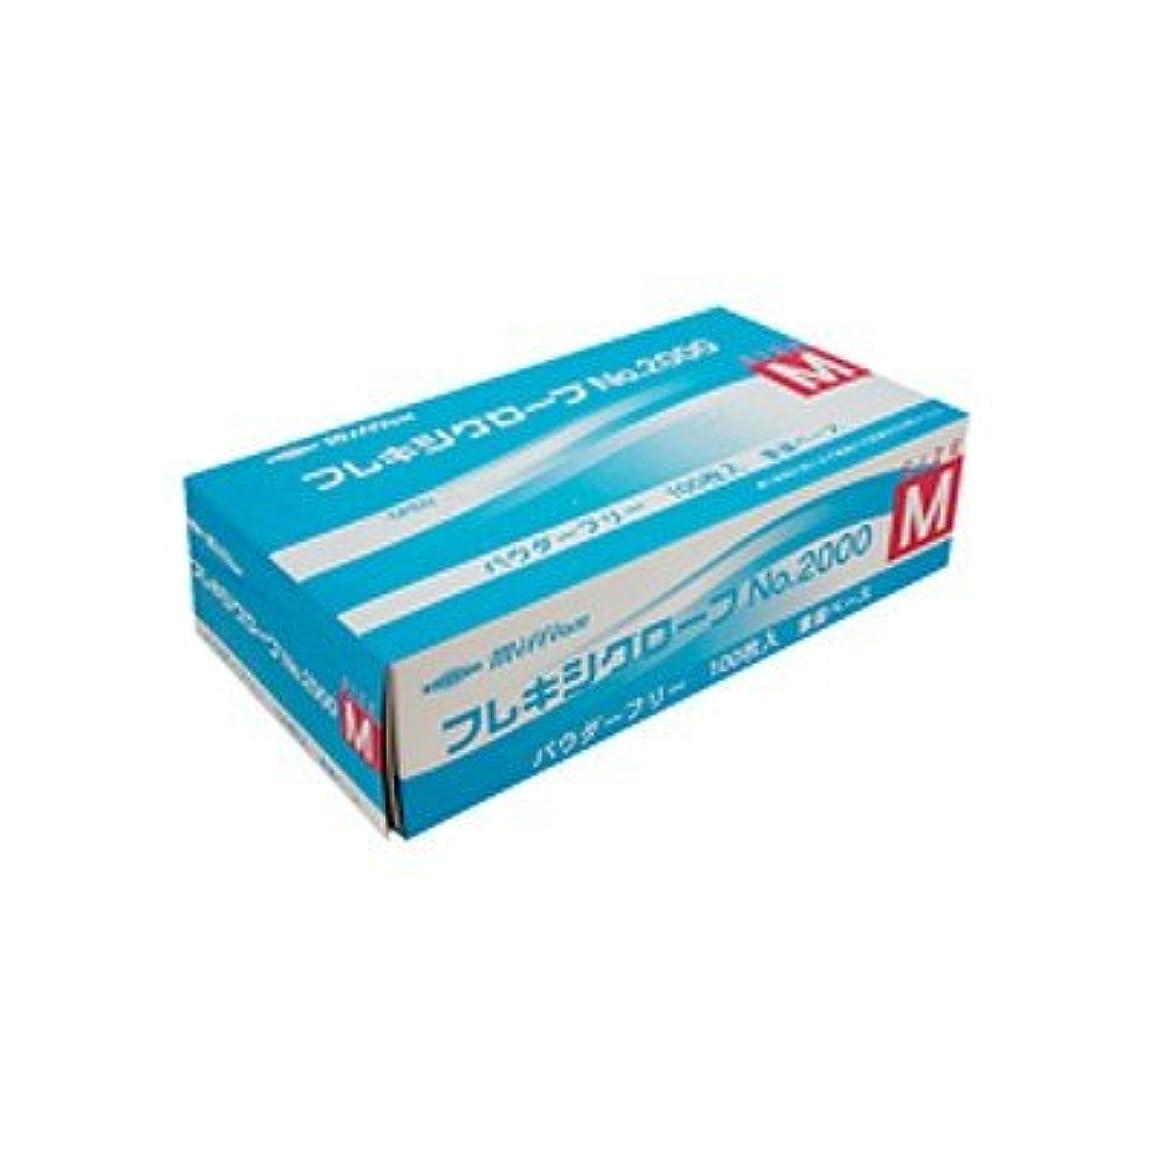 種類噂着るミリオン プラスチック手袋 粉無No.2000 M 品番:LH-2000-M 注文番号:62741637 メーカー:共和